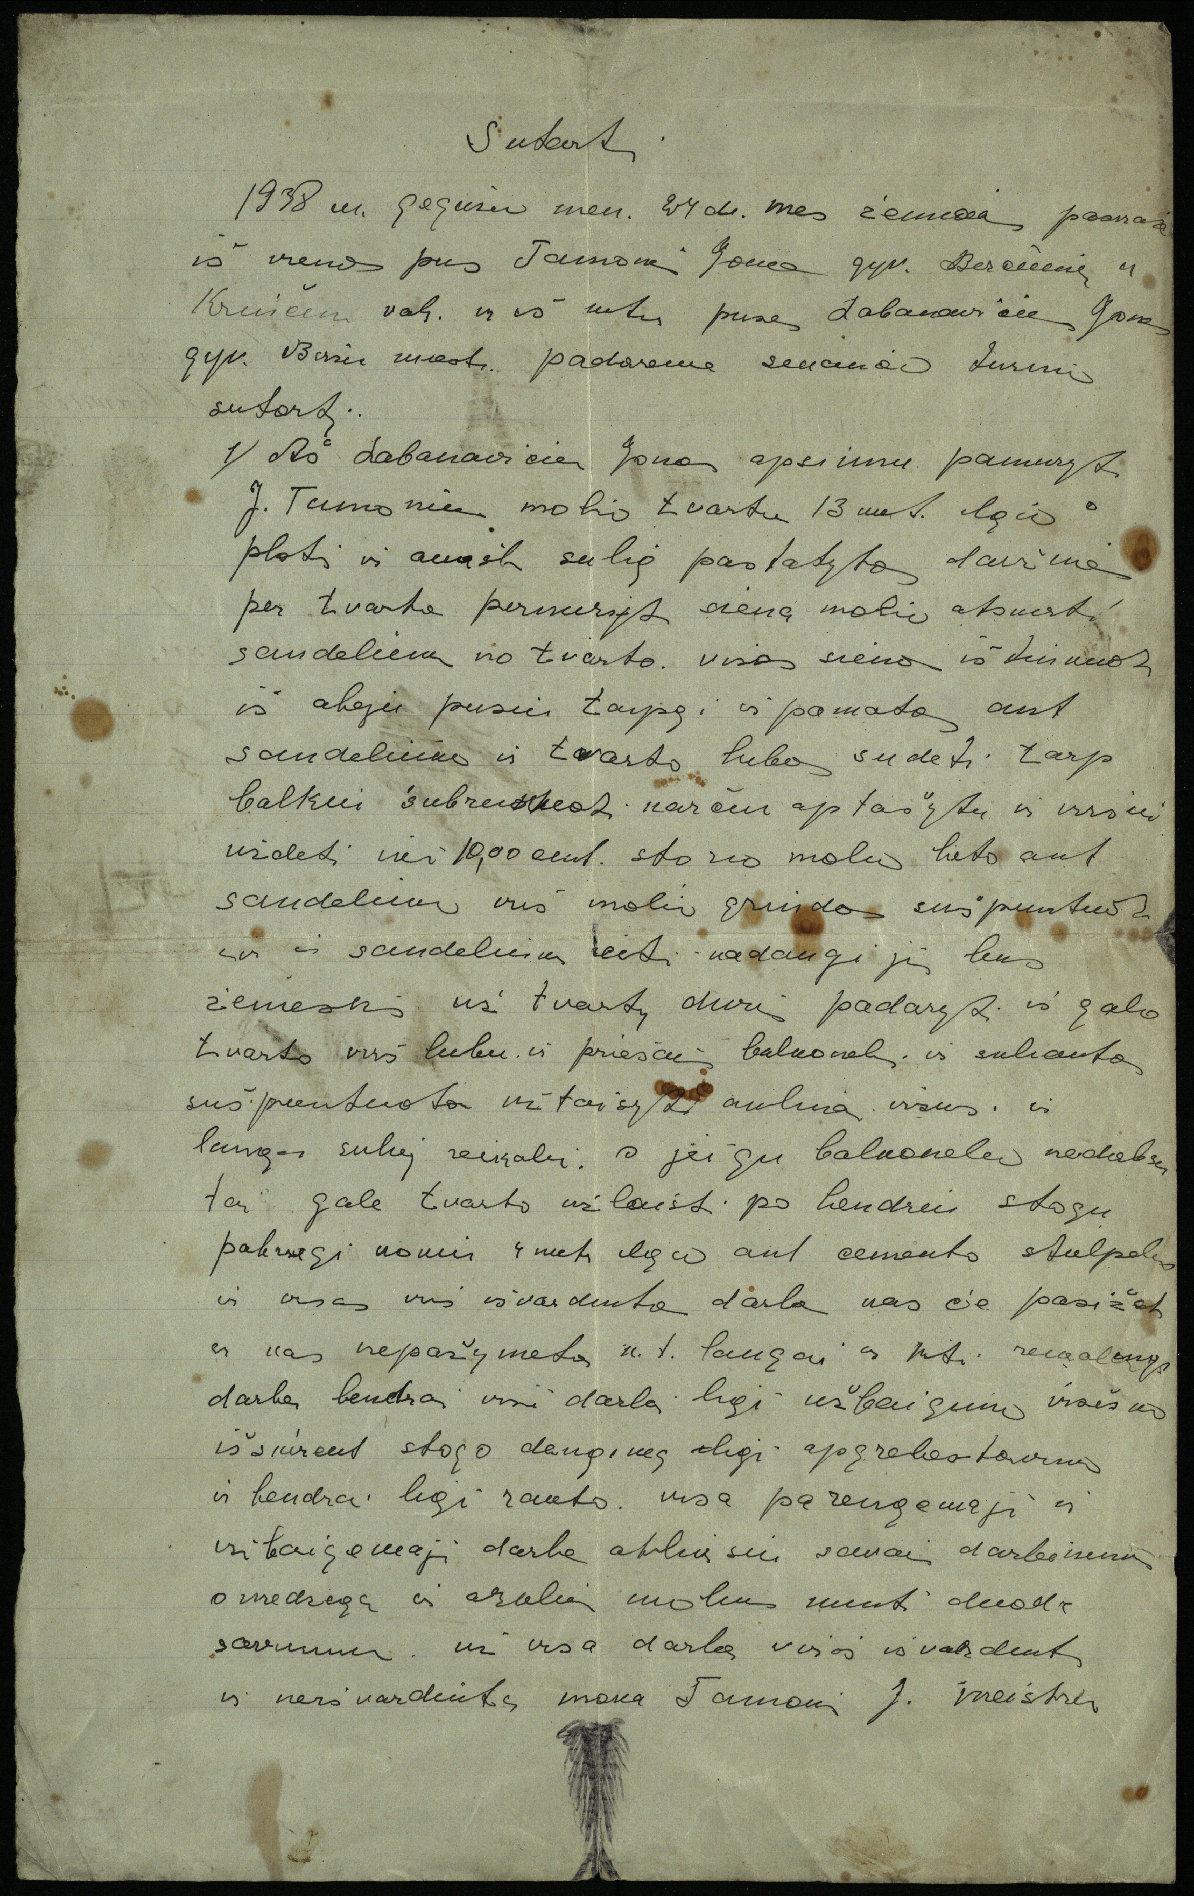 Biržų miesto gyventojo Jono Labanavičiaus sutartis su Biržų apskrities Krinčino valsčiaus Berčiūnų kaimo gyventoju Jonu Tamoniu dėl tvarto statybos, 1938 m.